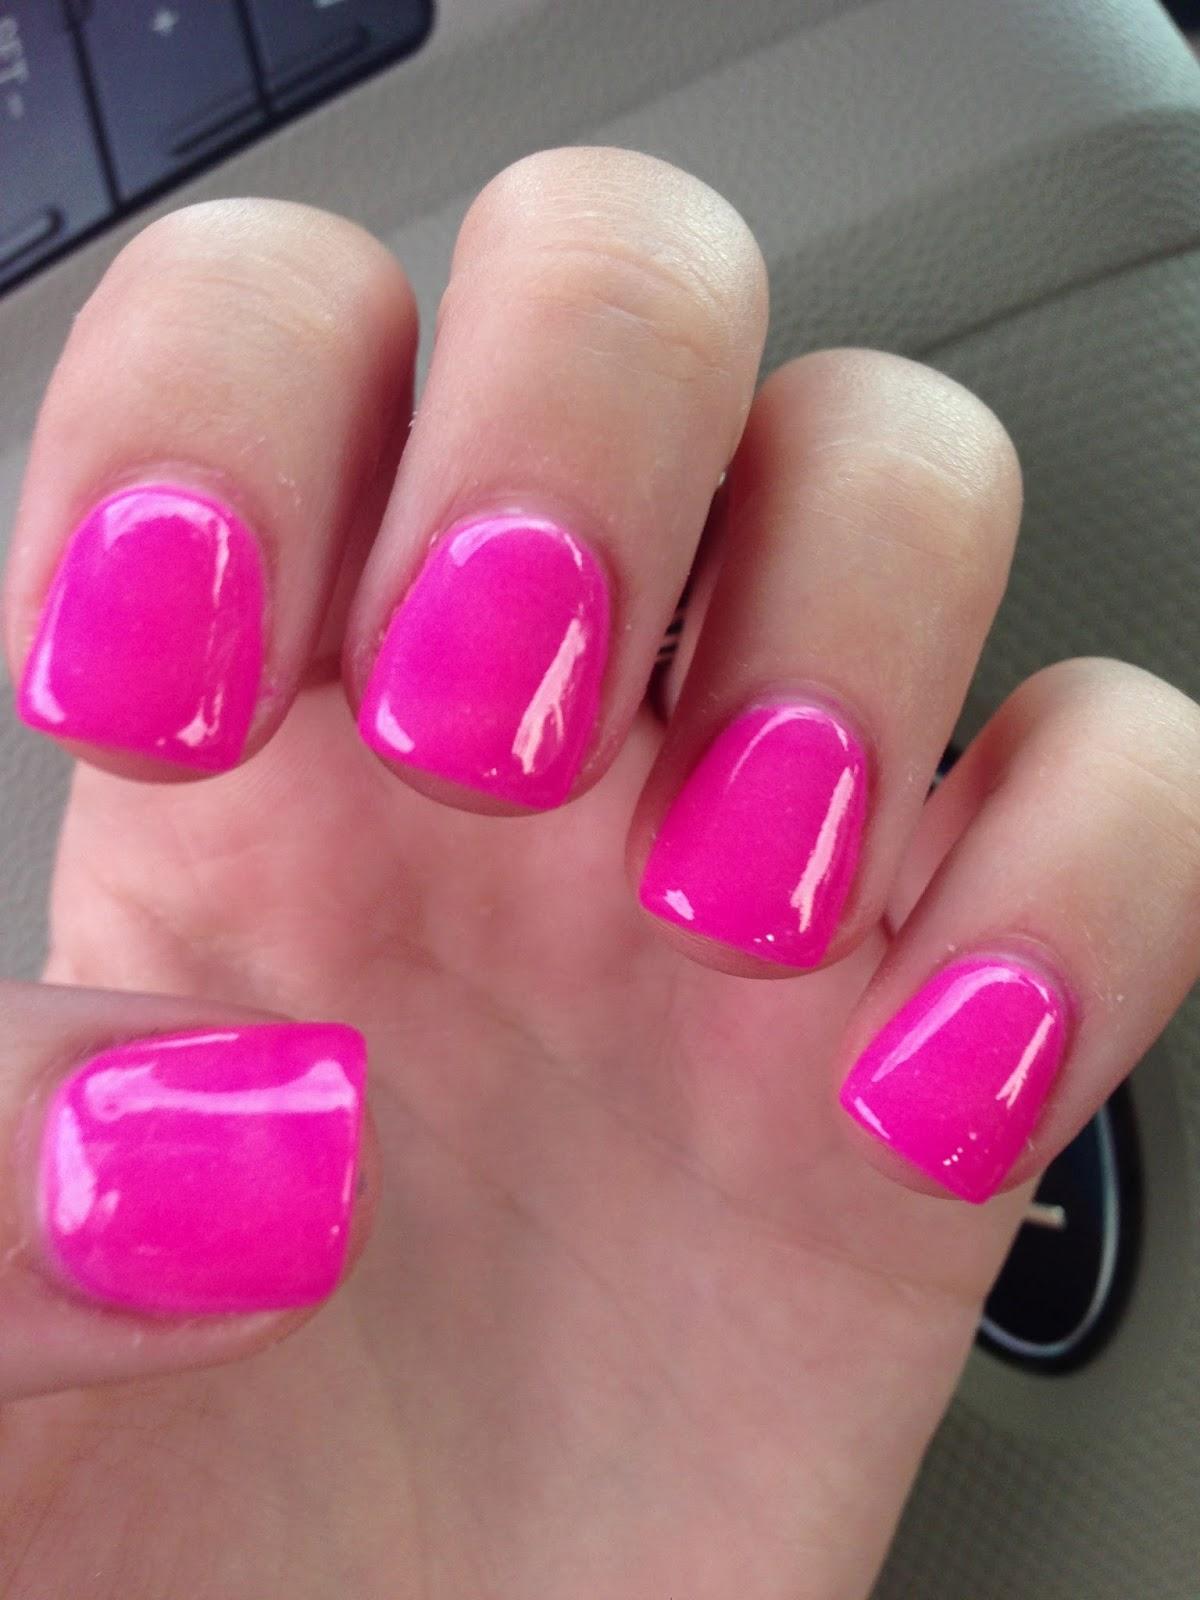 anc nails vs acrylic photo - 2